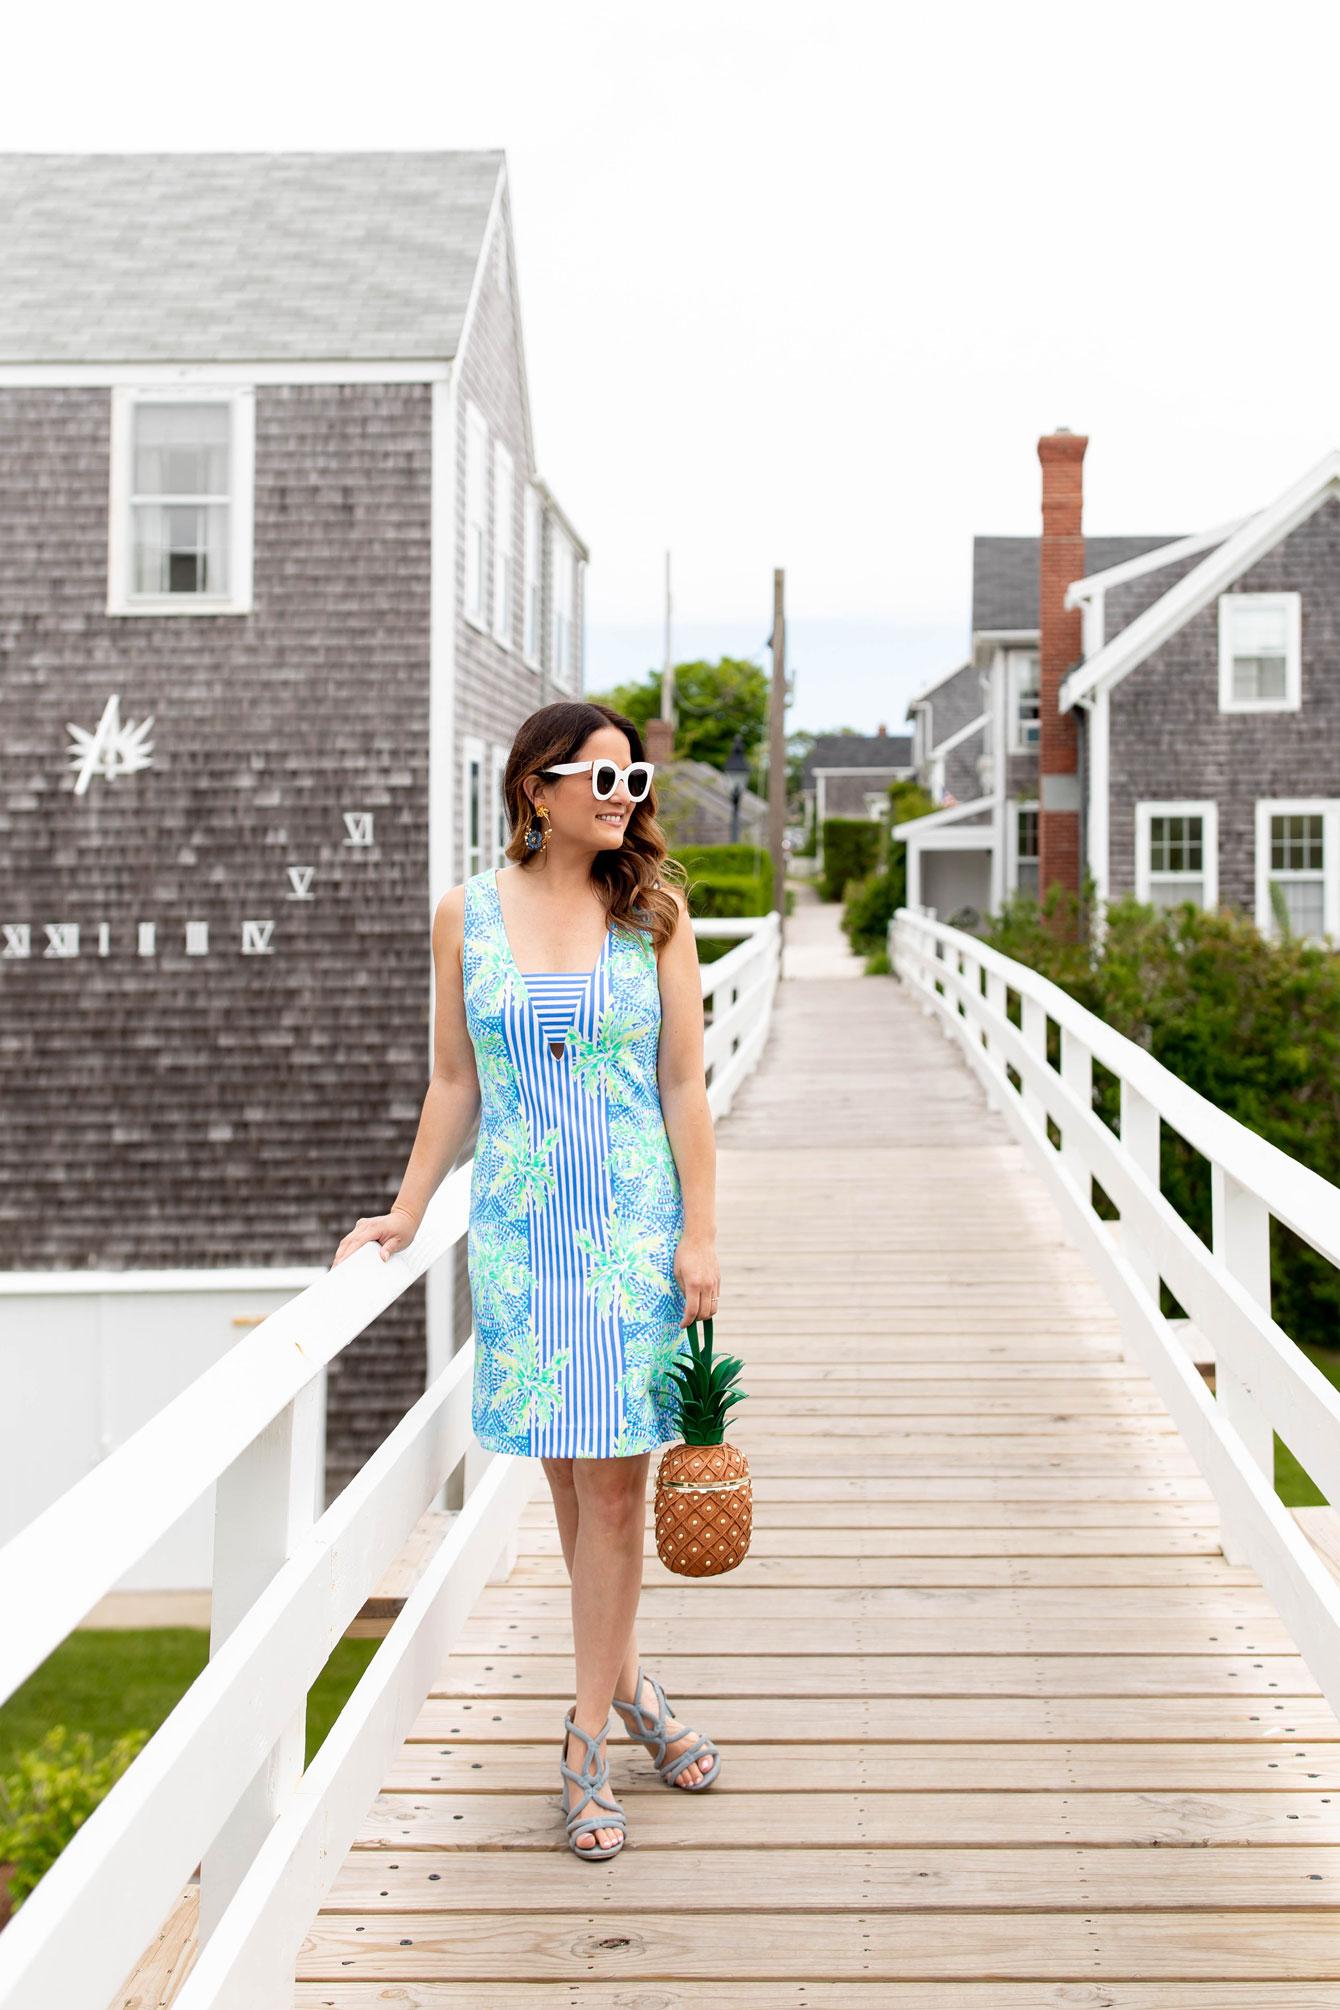 Jennifer Lake Lilly Pulitzer Nantucket